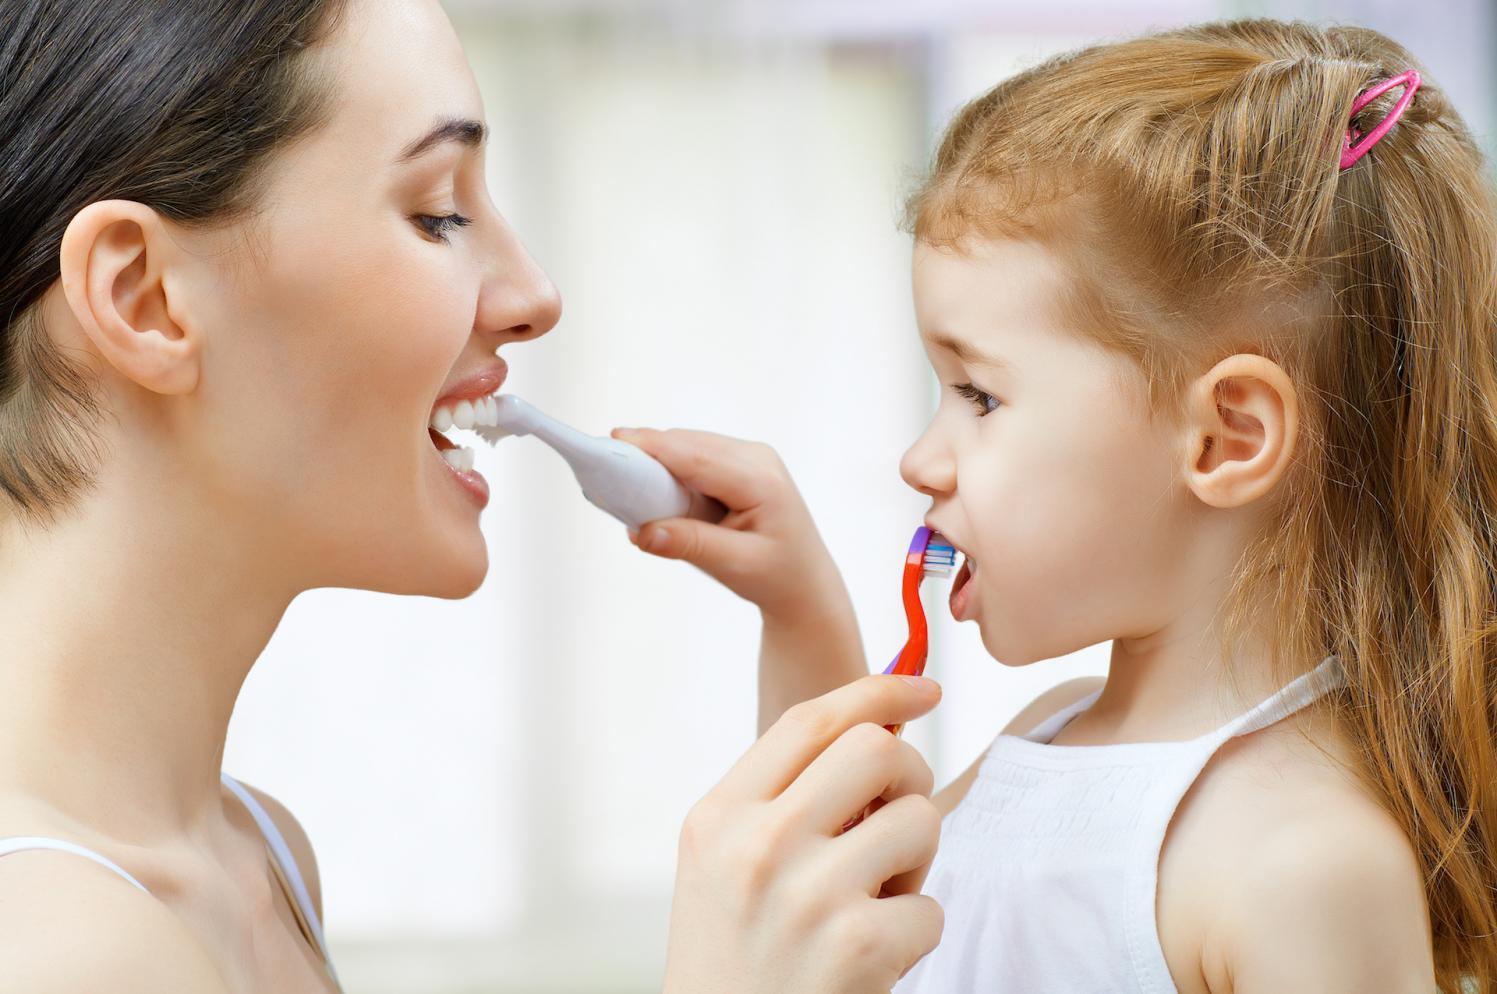 Dentistas alertam para a importância da figura materna na saúde bucal dos filhos